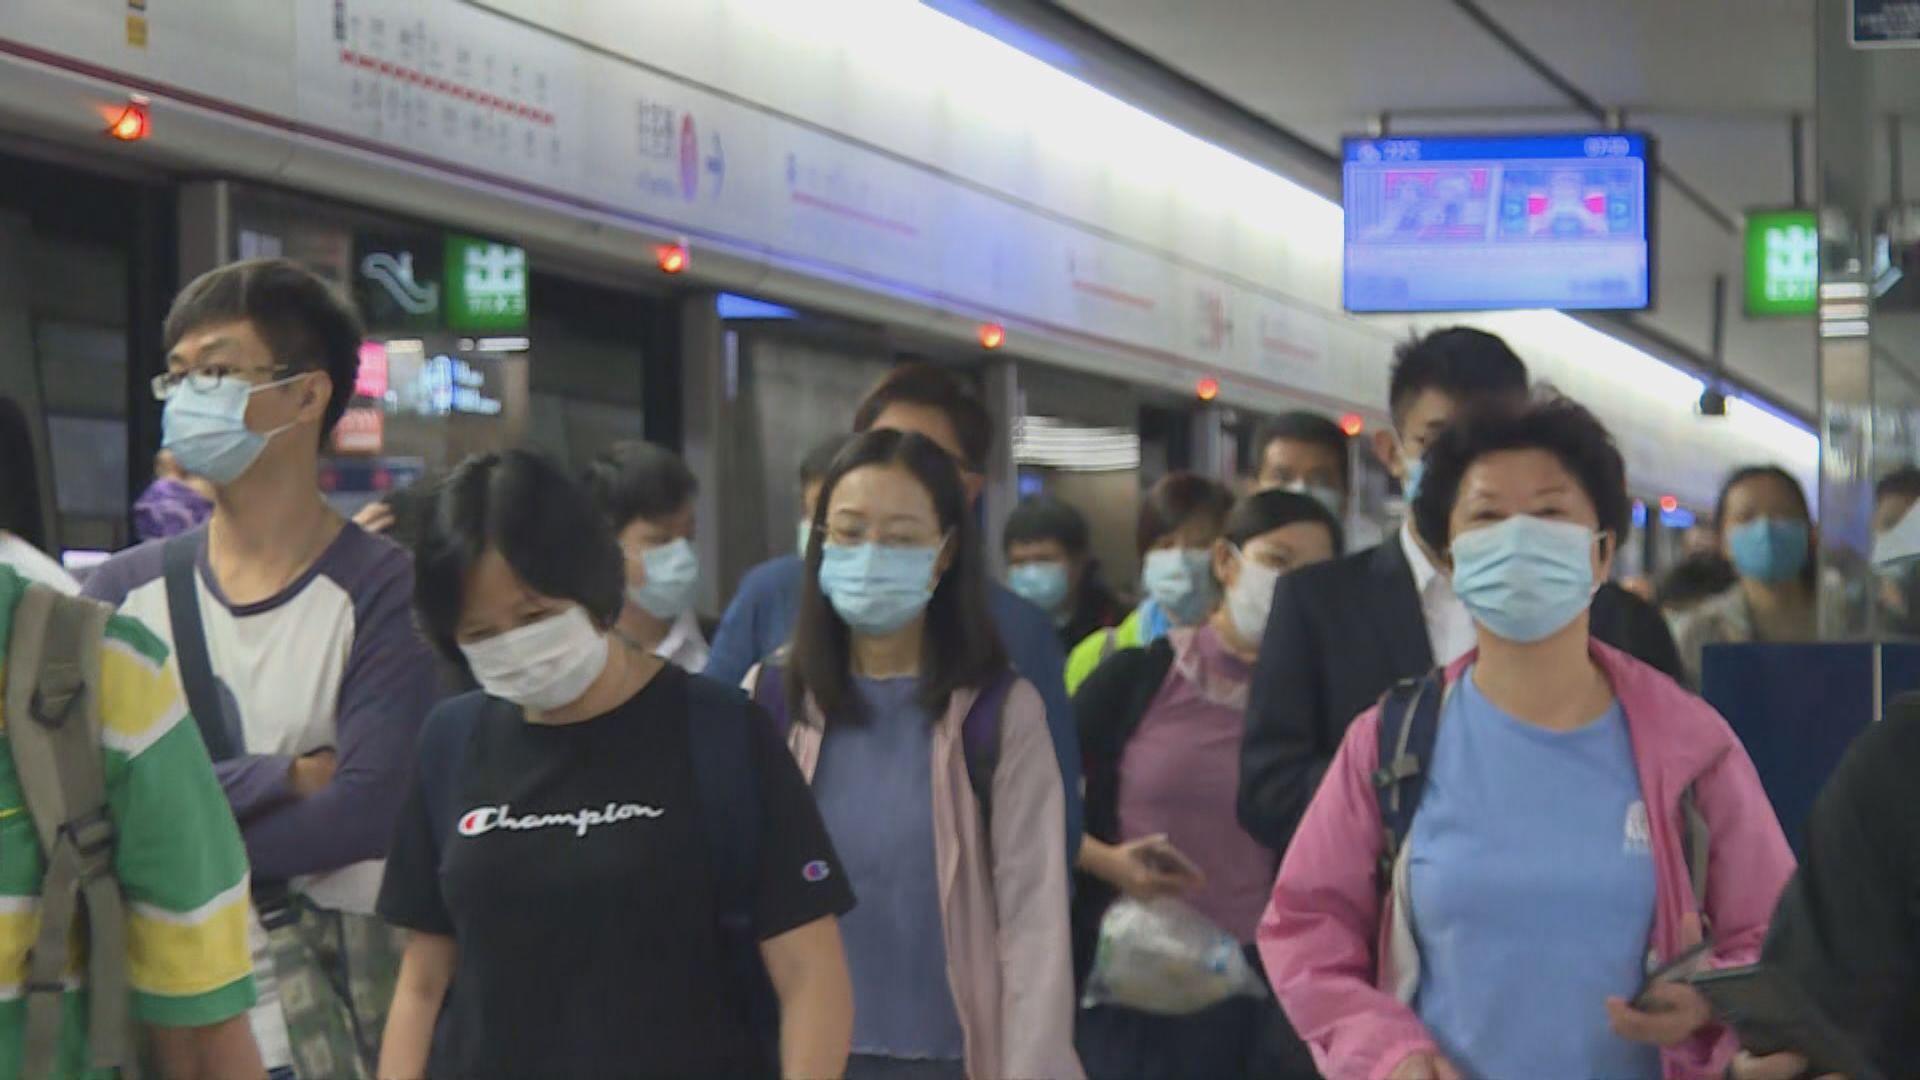 荃灣綫裂紋路軌完成鞏固 下午繁忙時間班次料受影響